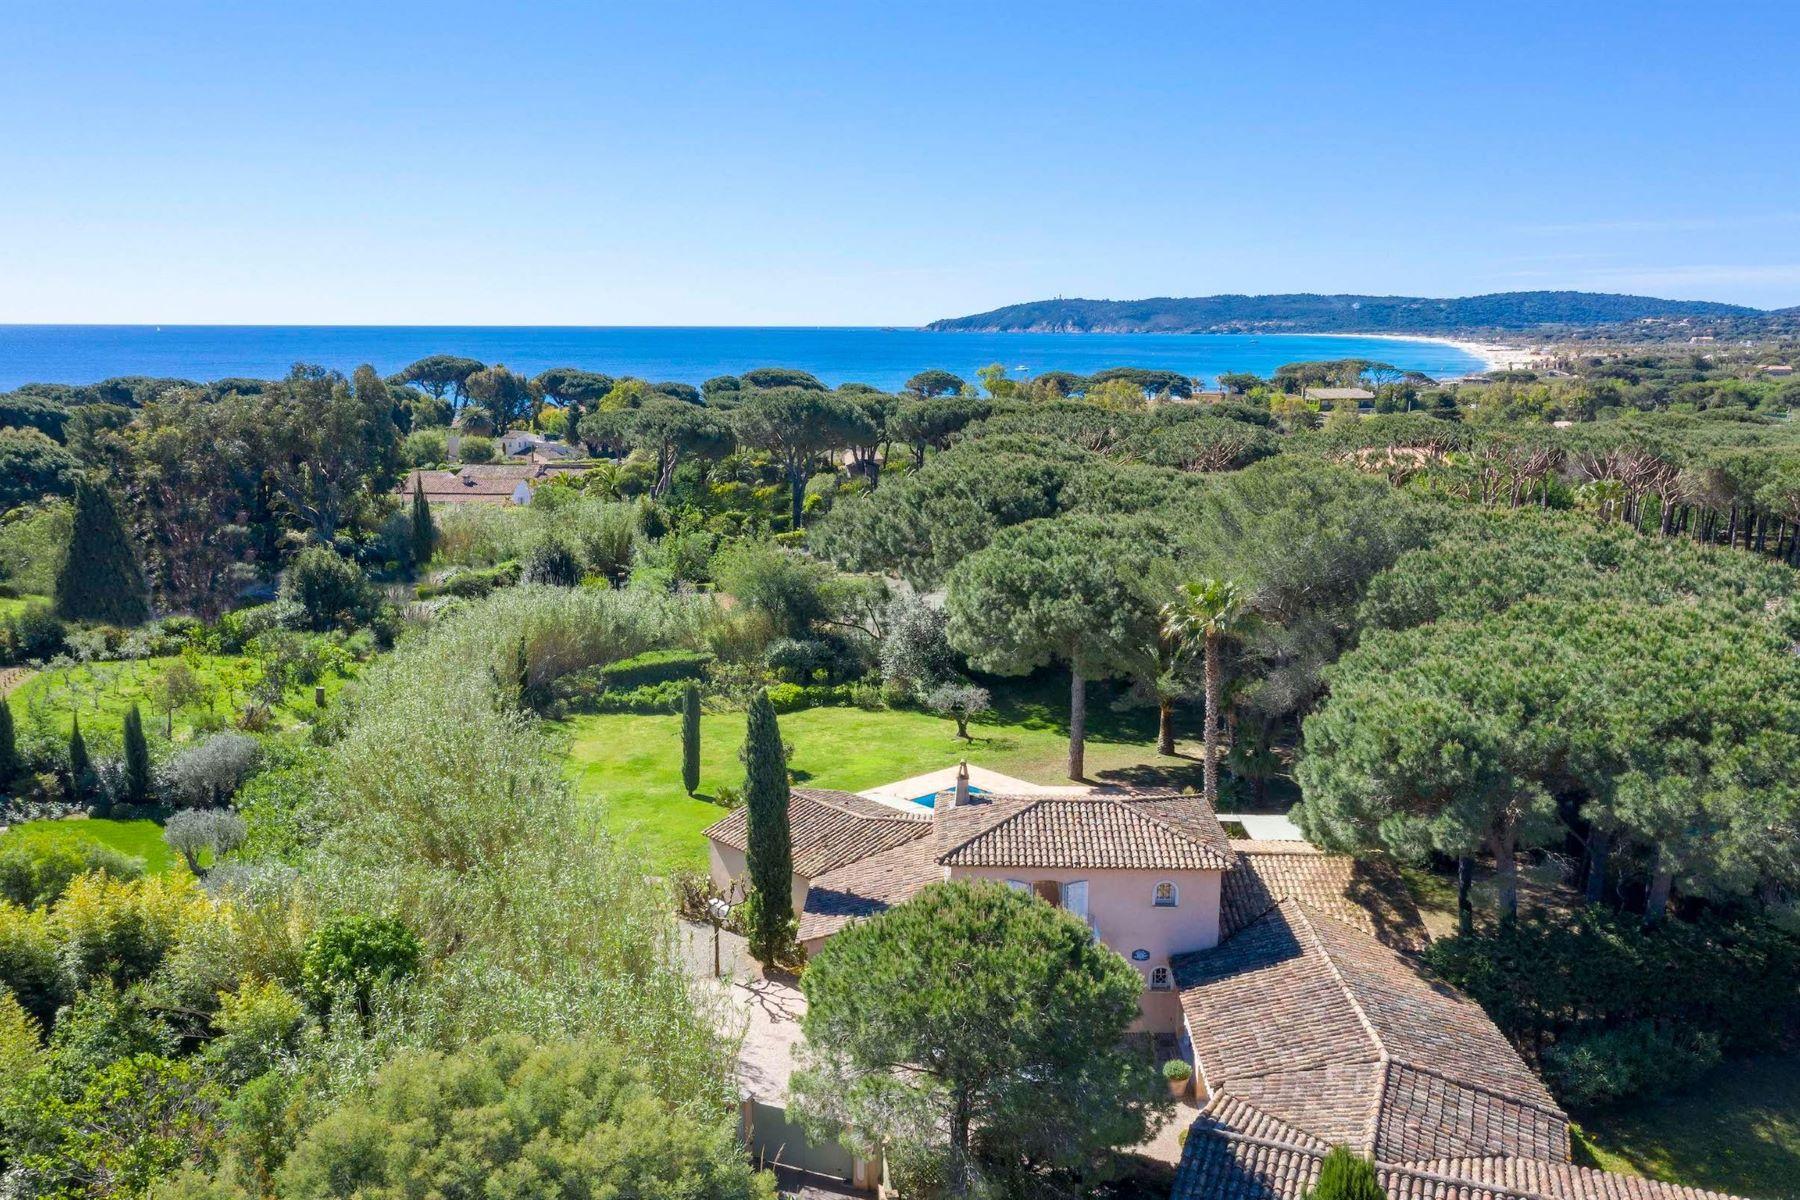 Single Family Homes por un Venta en For sale - a charming provencal style property in Ramatuelle Ramatuelle, Provincia - Alpes - Costa Azul 83350 Francia